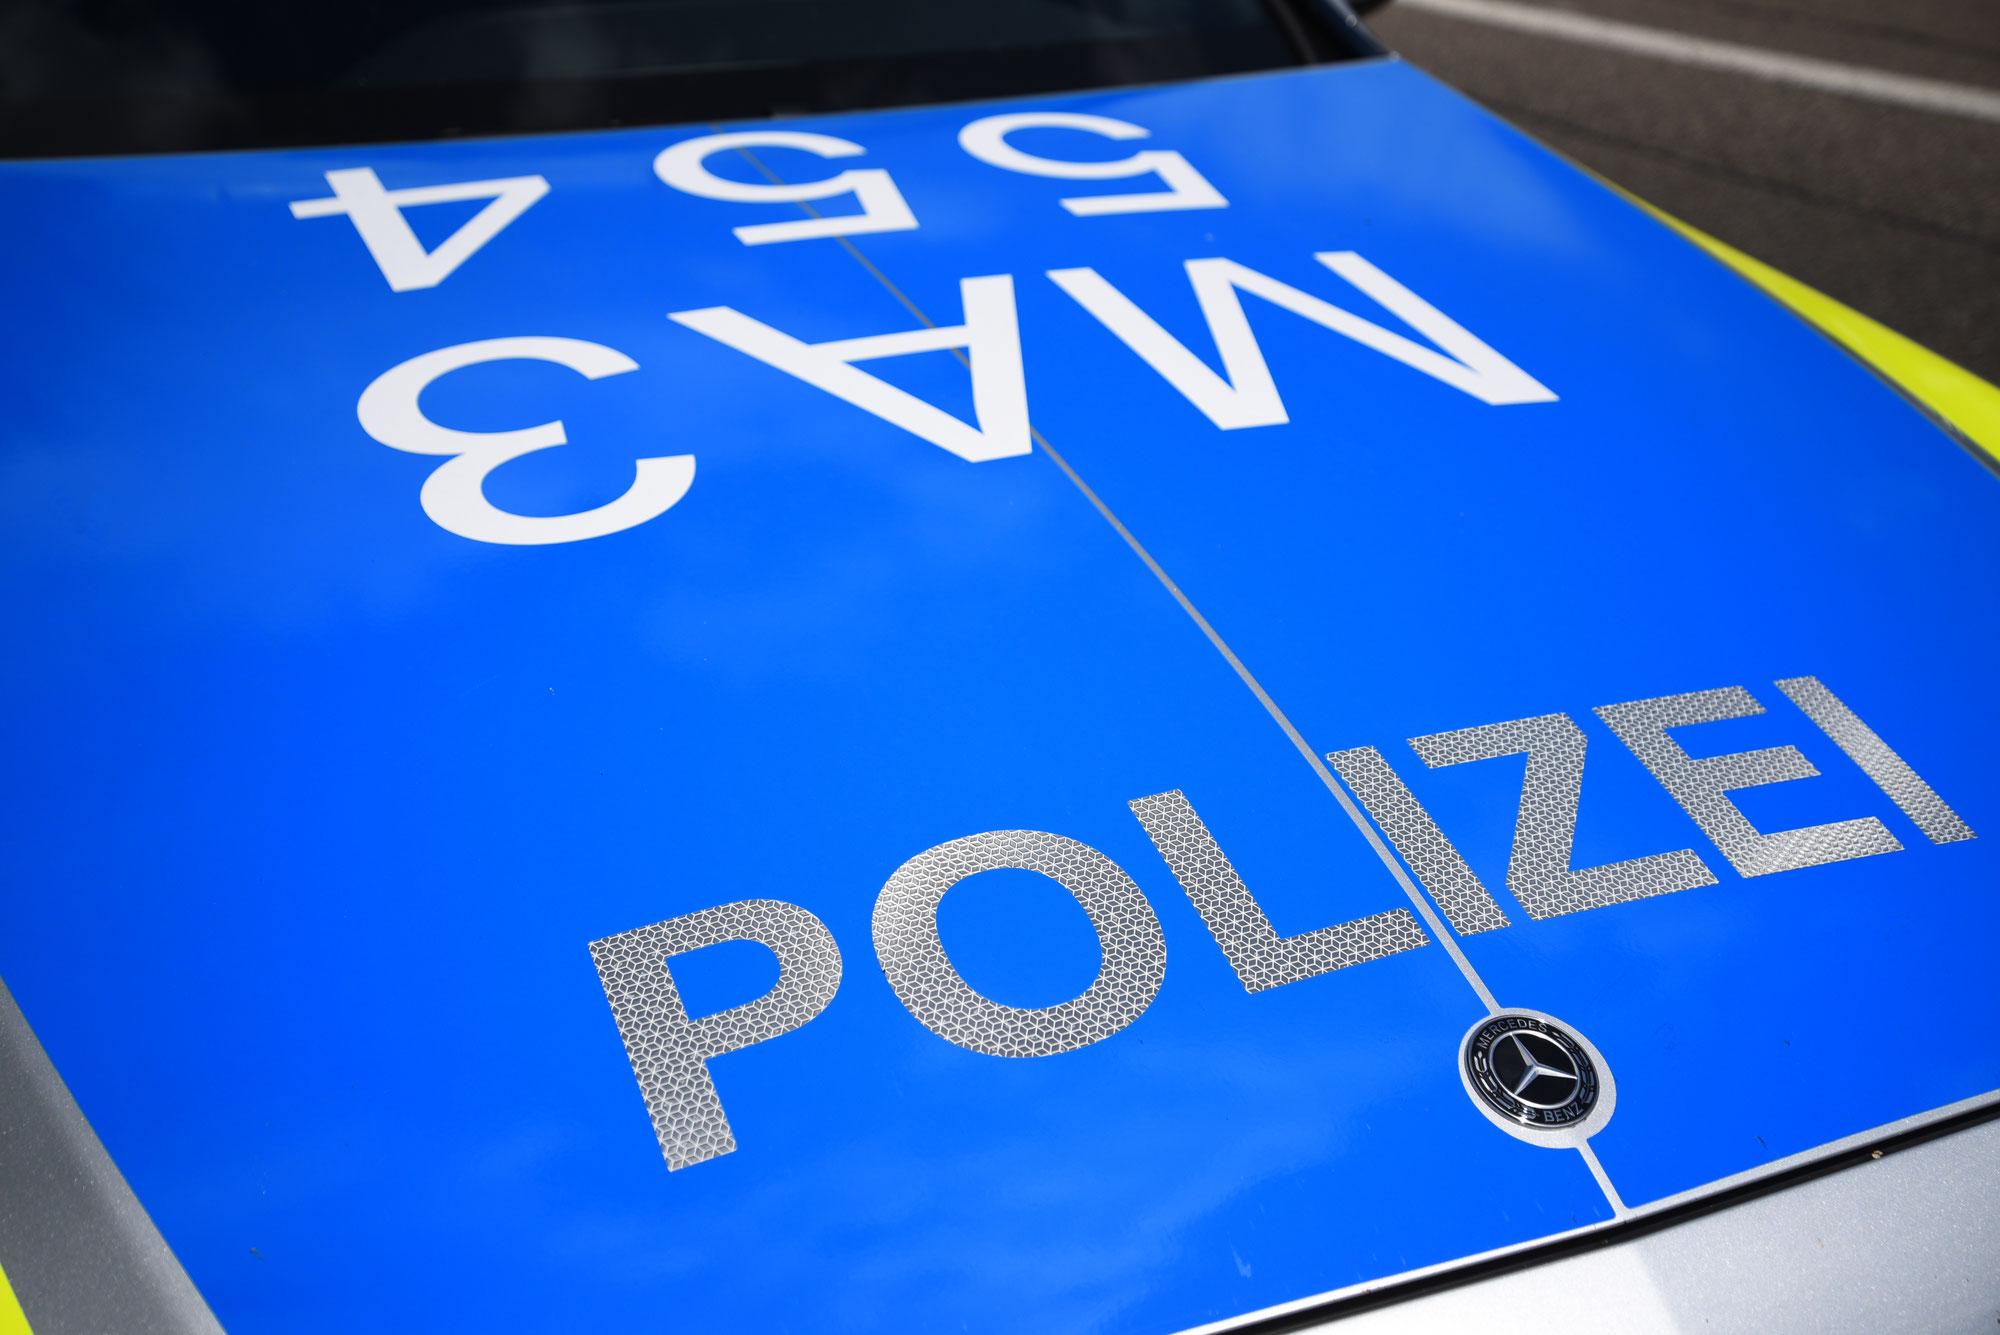 Mannheim-Friedrichsfeld: Hochwertige Fahrräder aus Garage entwendet - Polizei ermittelt und sucht Zeugen